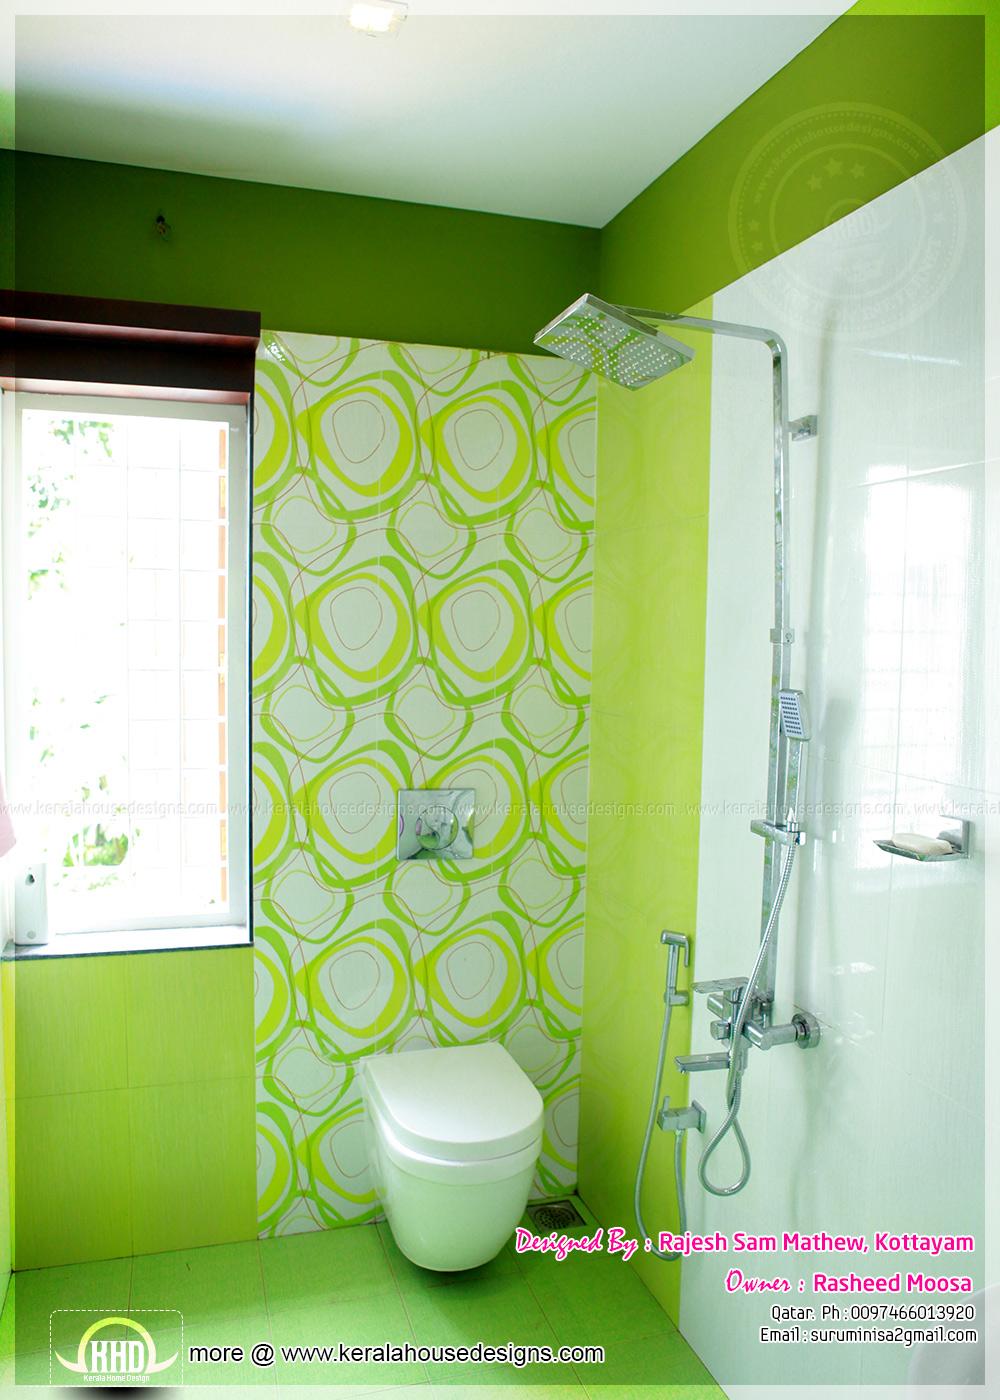 Kerala interior design with photos | Home Kerala Plans